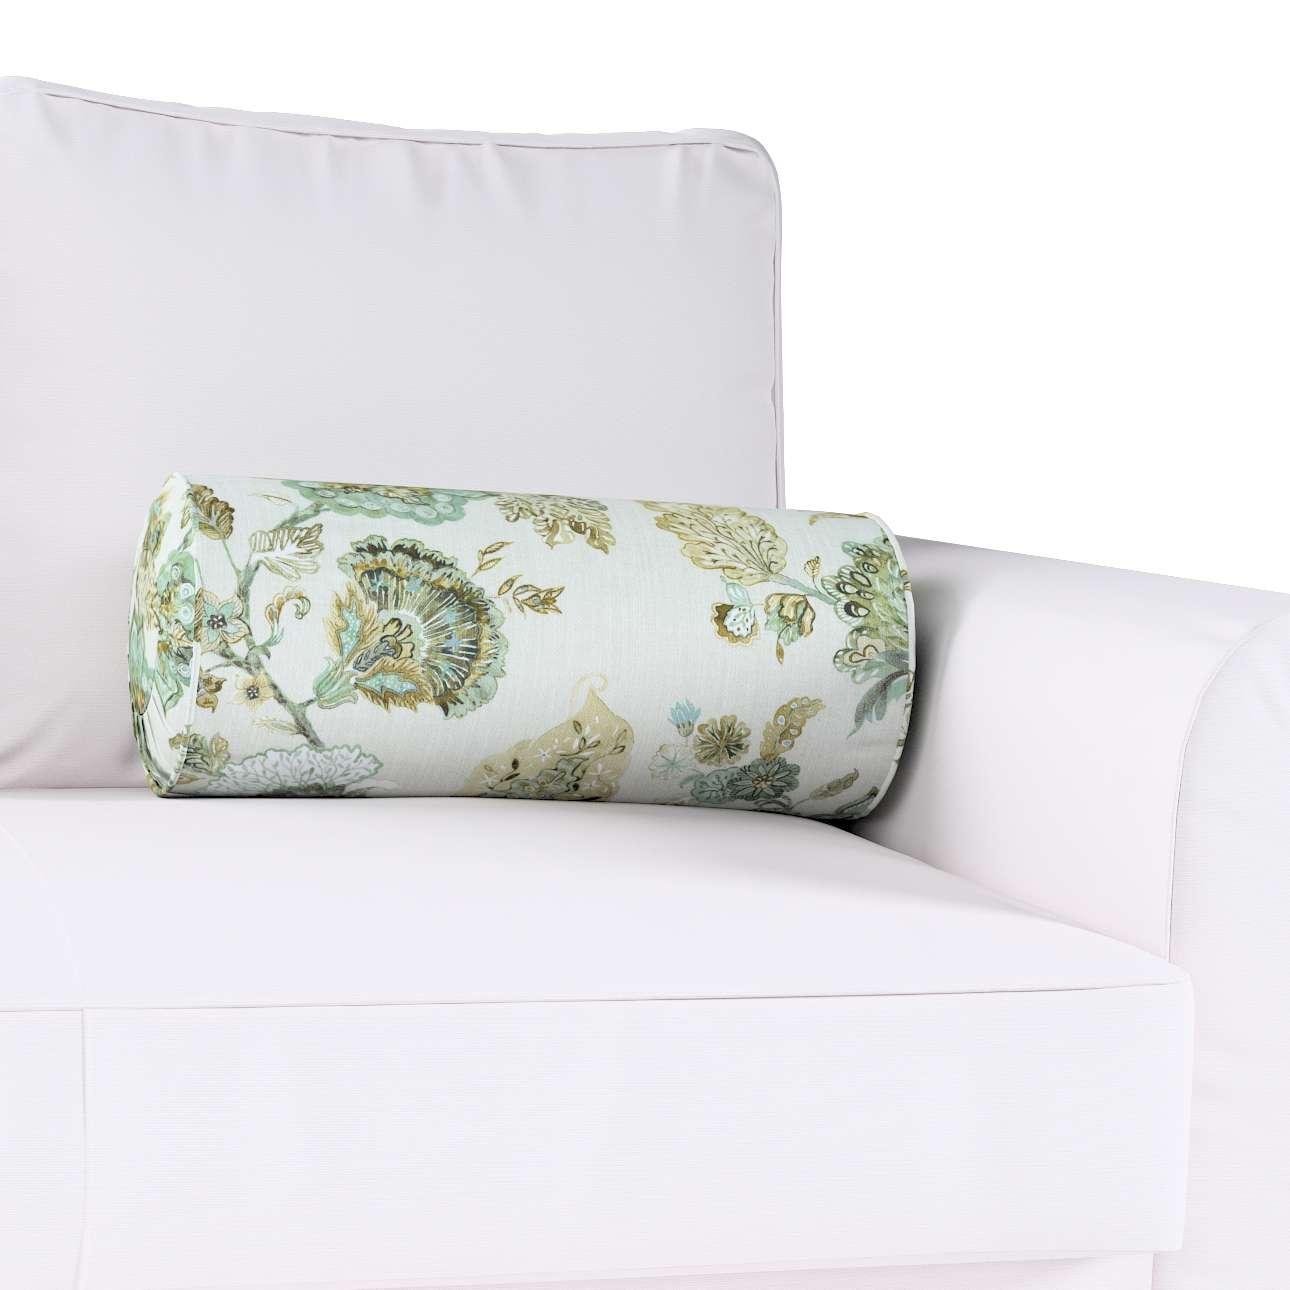 Poduszka wałek z zakładkami w kolekcji Flowers, tkanina: 143-67